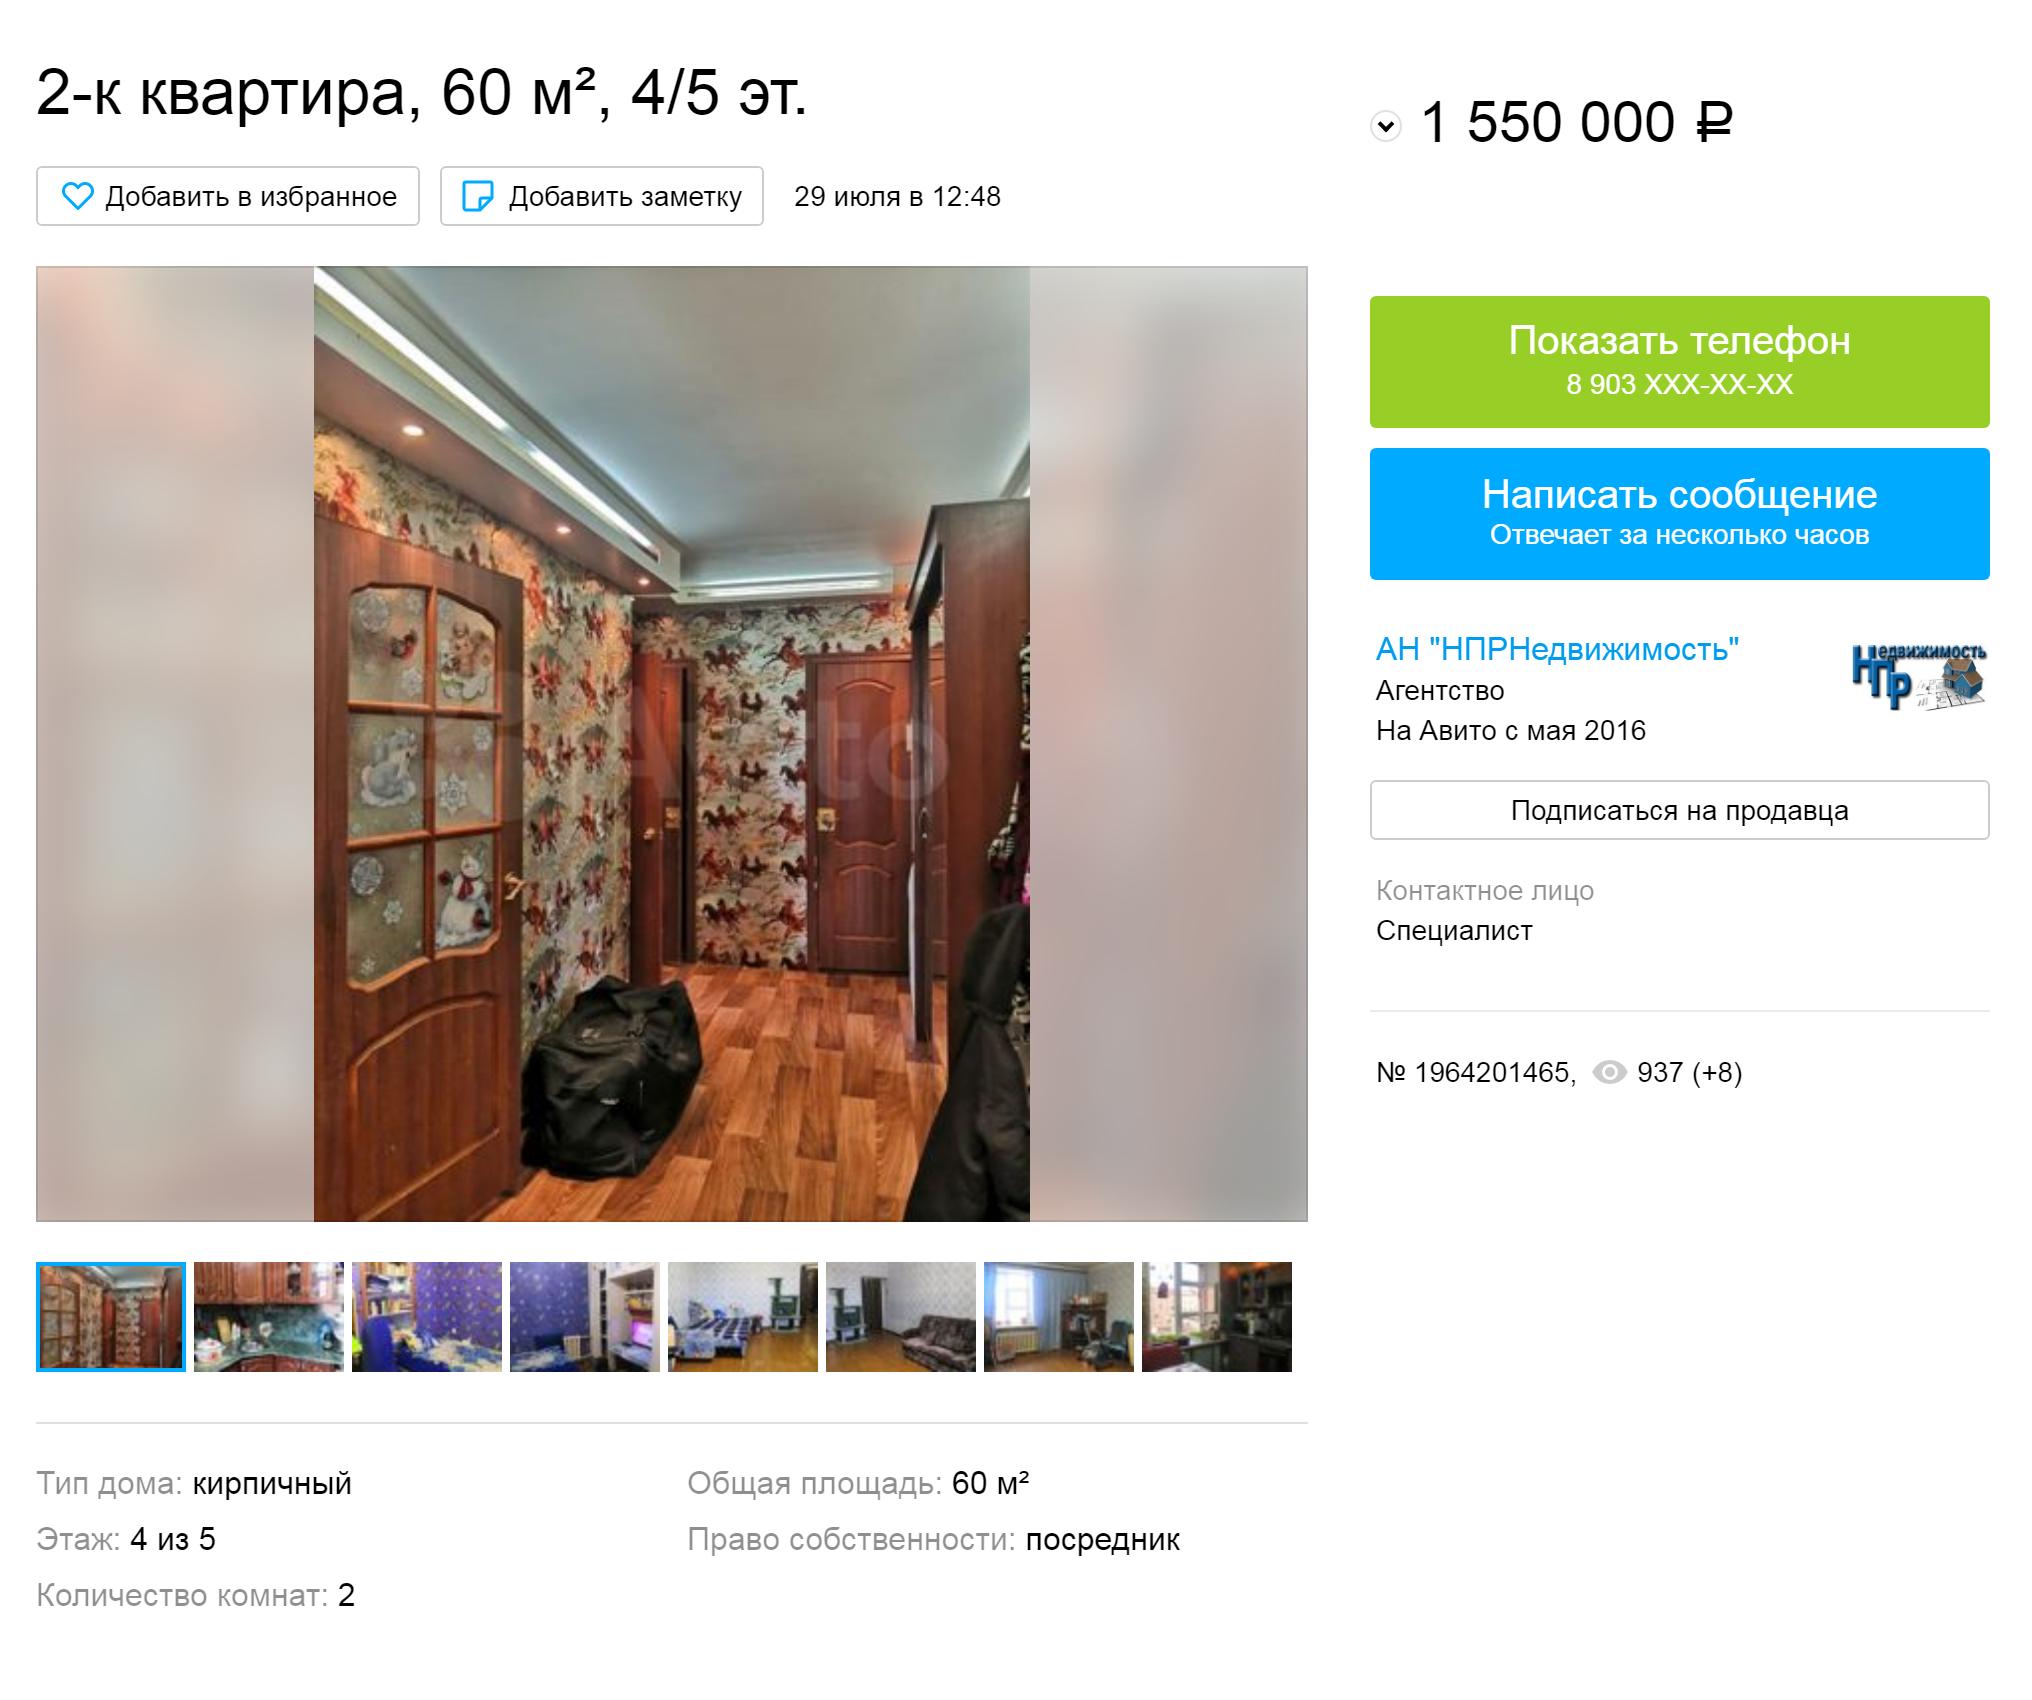 Двухкомнатная квартира вцентральном районе Норильска — 1,5млн